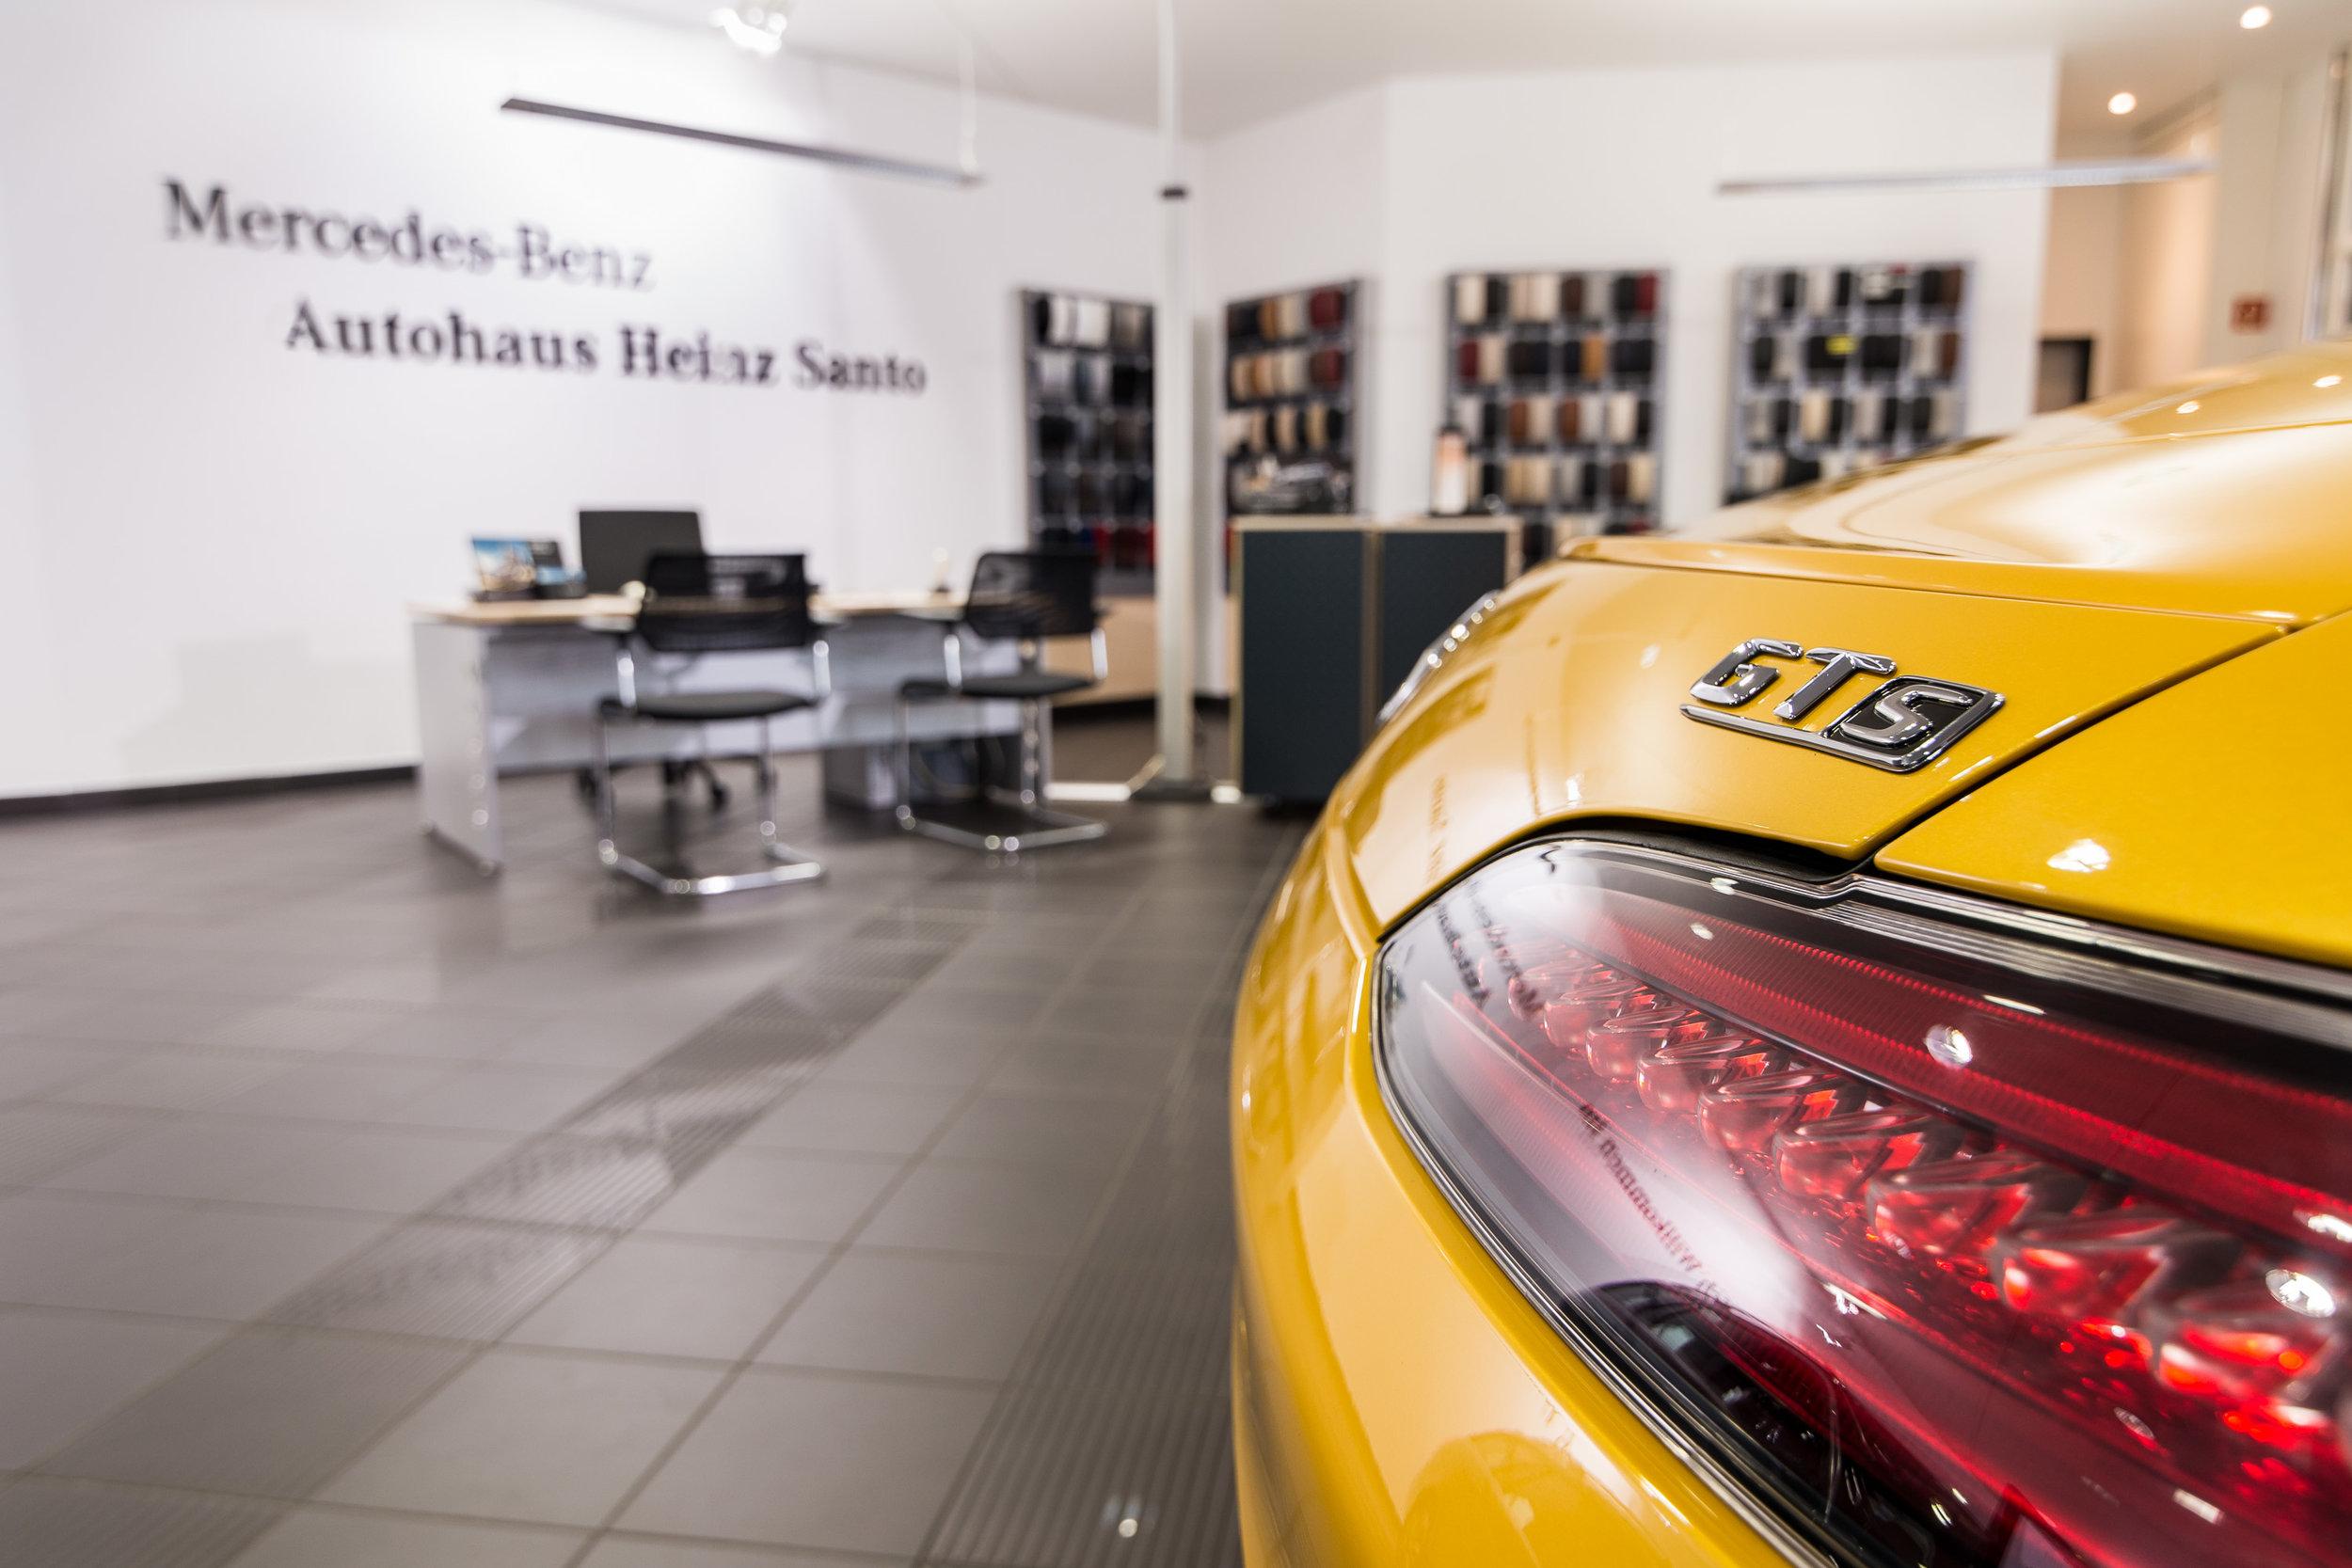 Autohaus Heinz Santo für Gunnar Schwehr Werbeagentur von Tom Bush